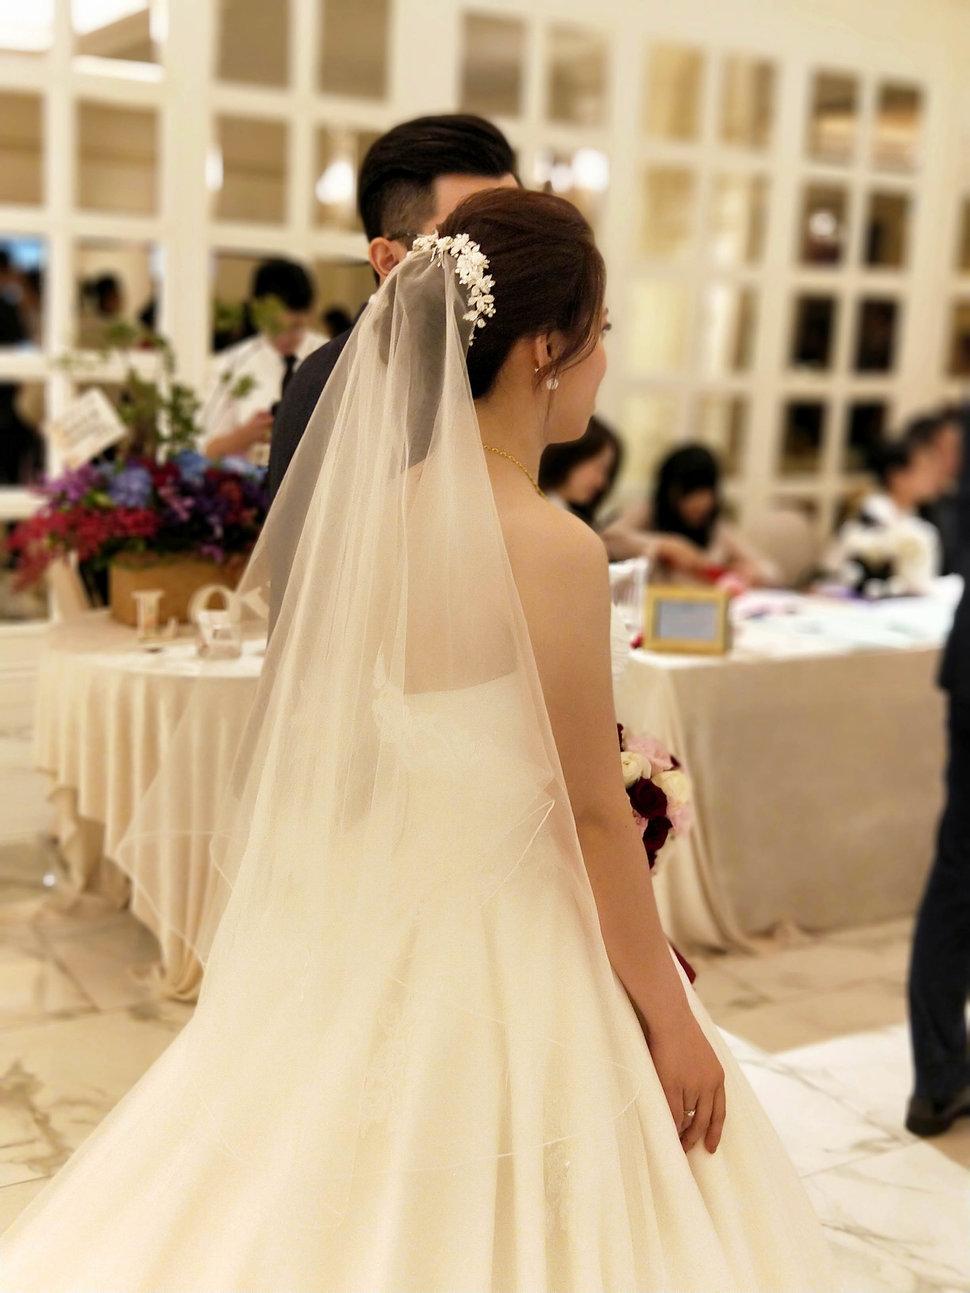 IMG20171112124202 - 新娘秘書 Yumi陳竹竹 造型工作室 - 結婚吧